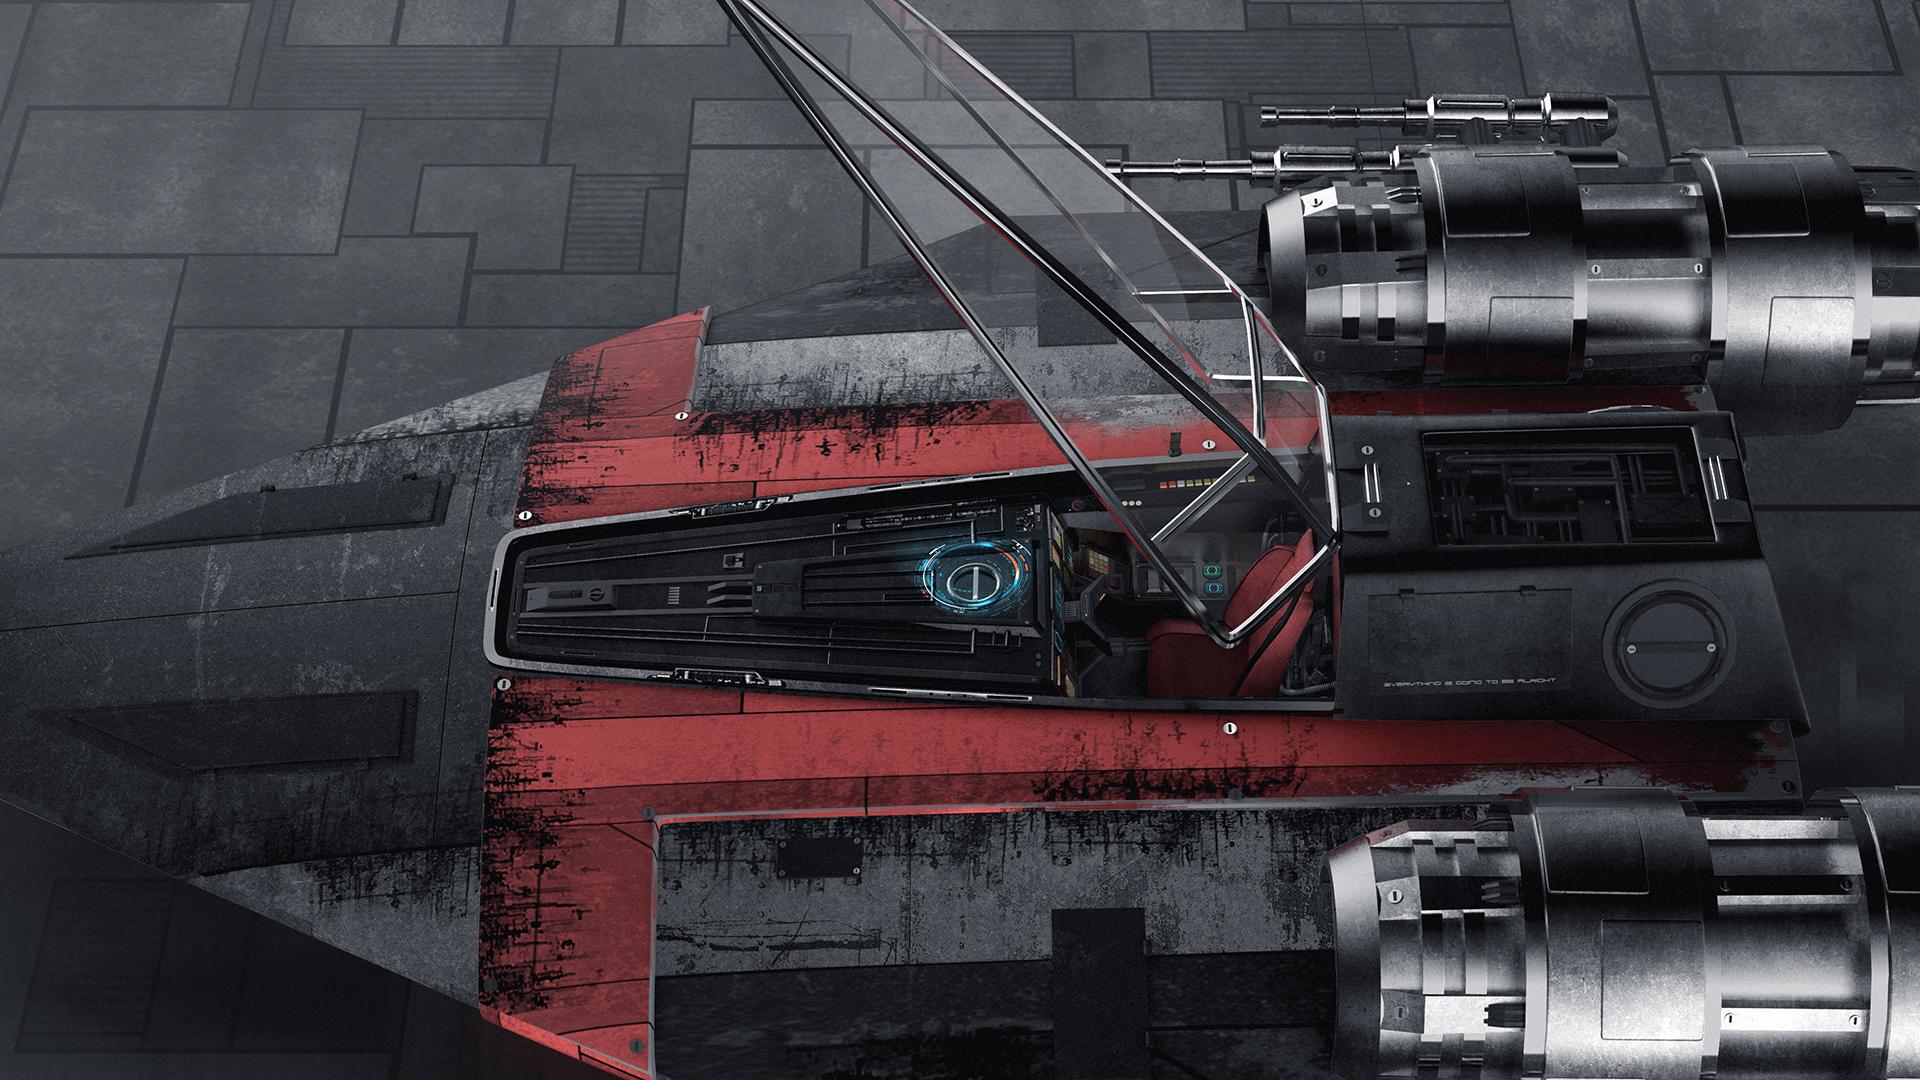 spaceship_008_interior_01_web